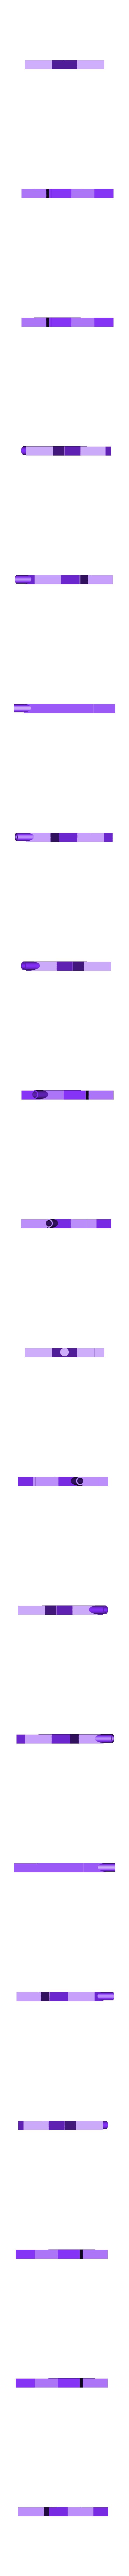 holiday_tree_star.stl Télécharger fichier STL gratuit Tree Topper - Étoile de David illuminée • Objet pour impression 3D, Cilshell